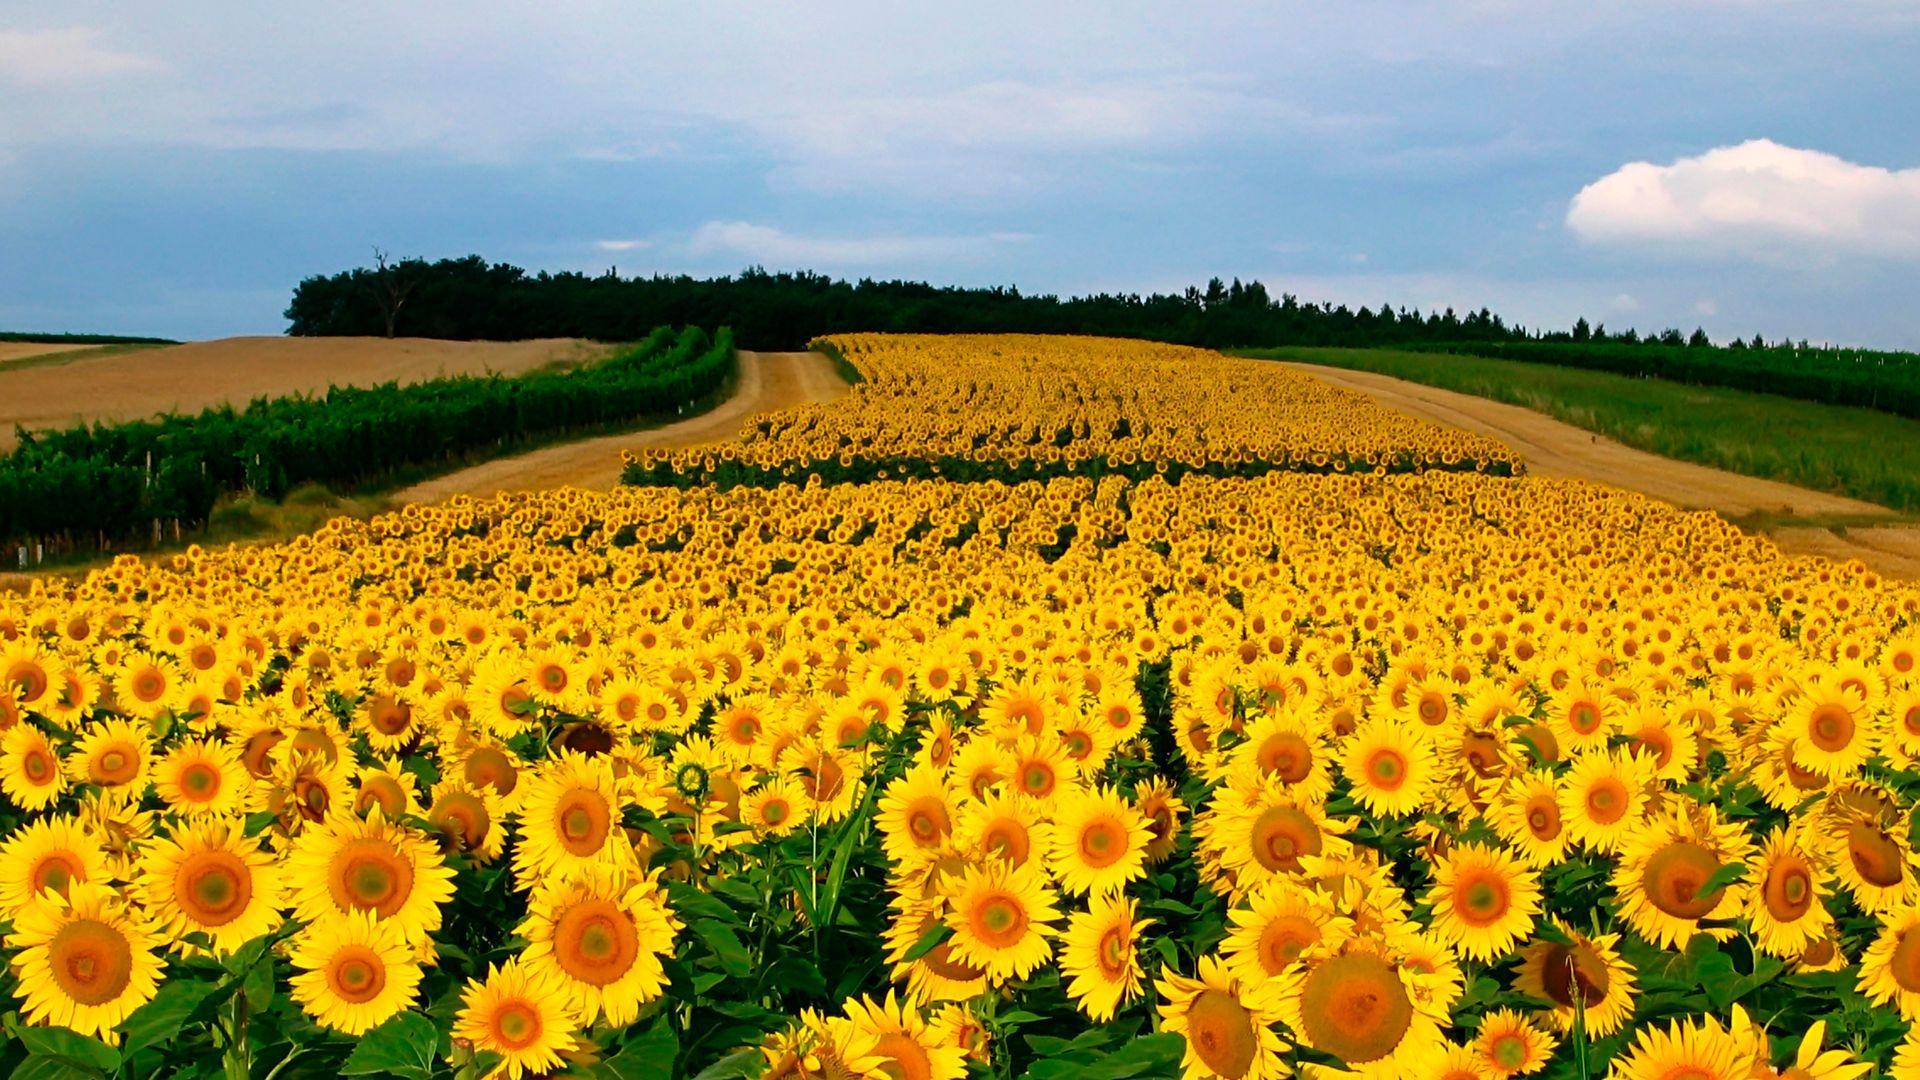 Sunflower Field Wallpapers Top Free Sunflower Field Backgrounds Wallpaperaccess